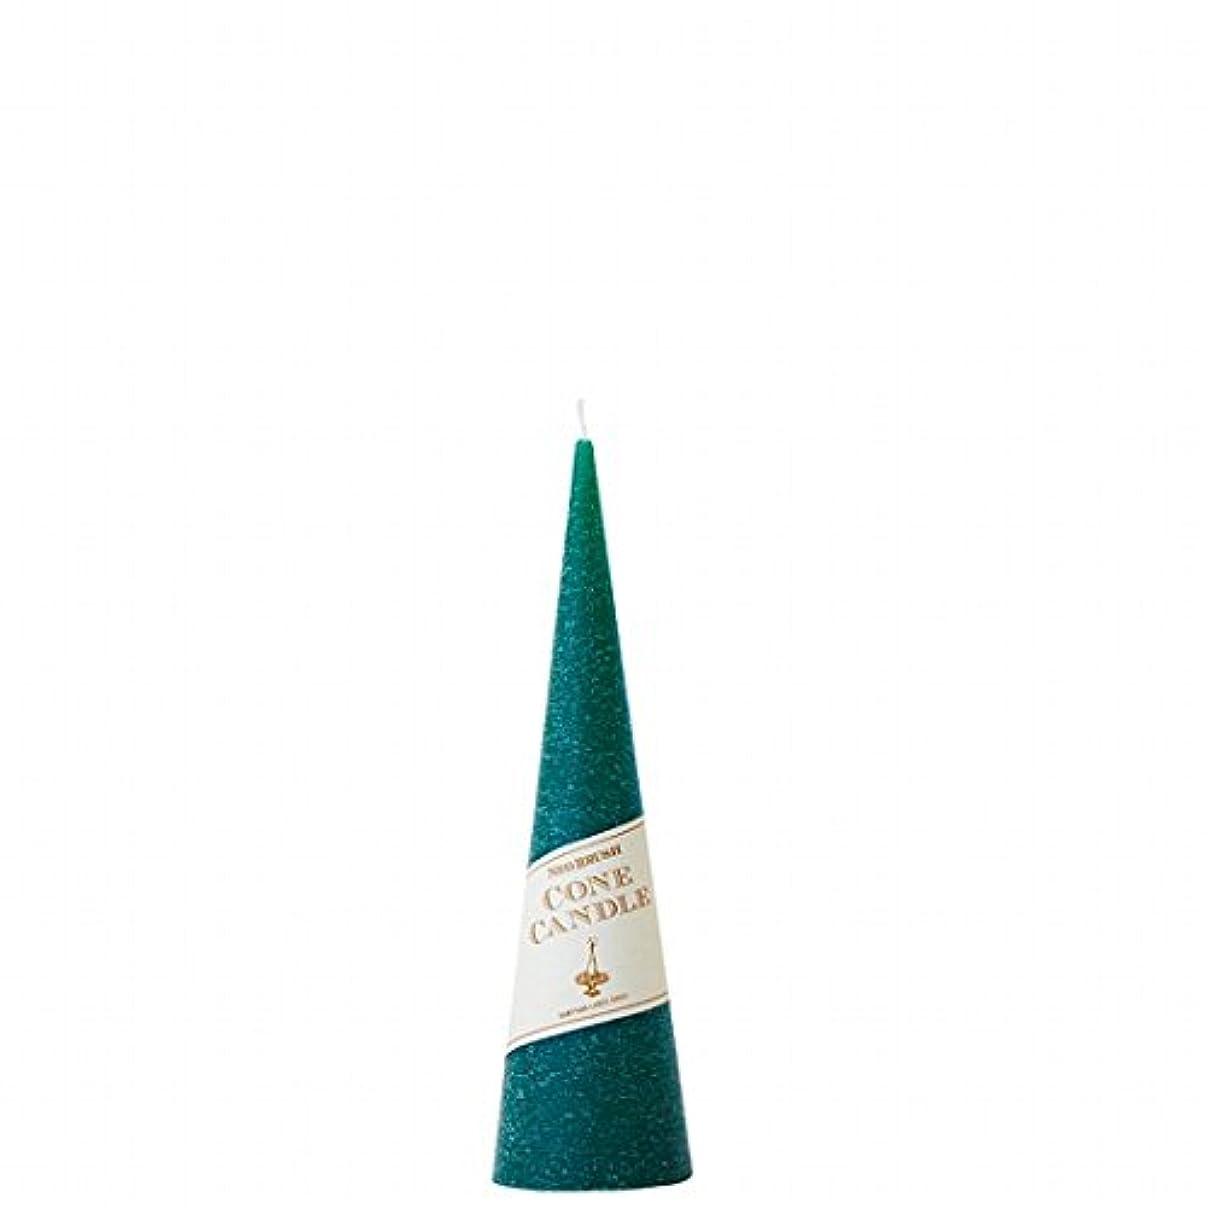 折借りるイタリックカメヤマキャンドル(kameyama candle) ネオブラッシュコーン 180 キャンドル 「 グリーン 」